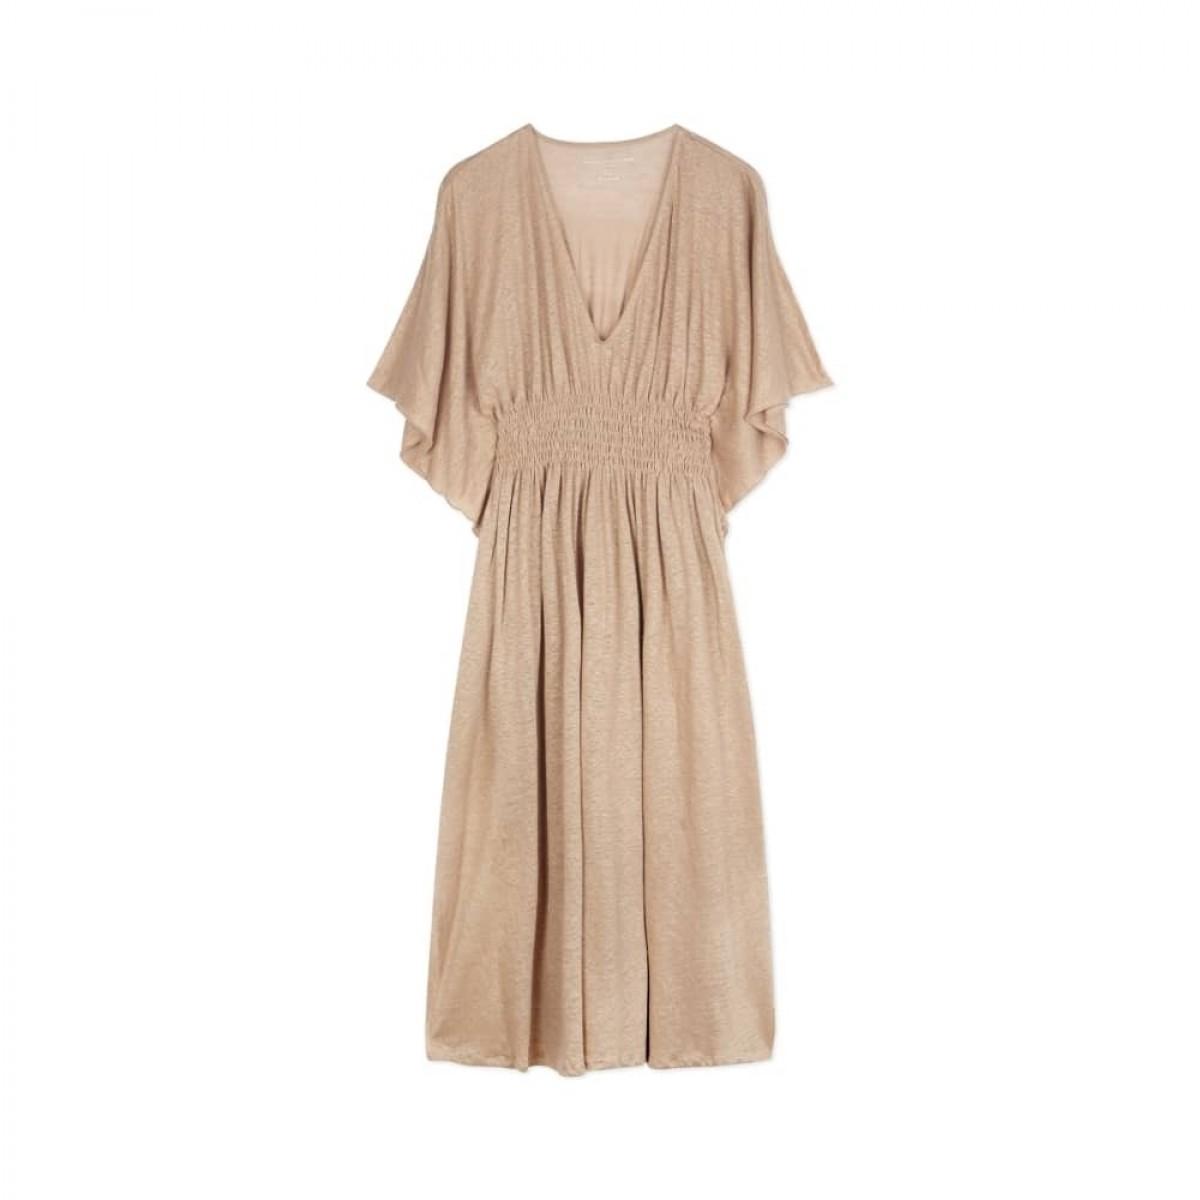 majestic filatures kjole - ficelle